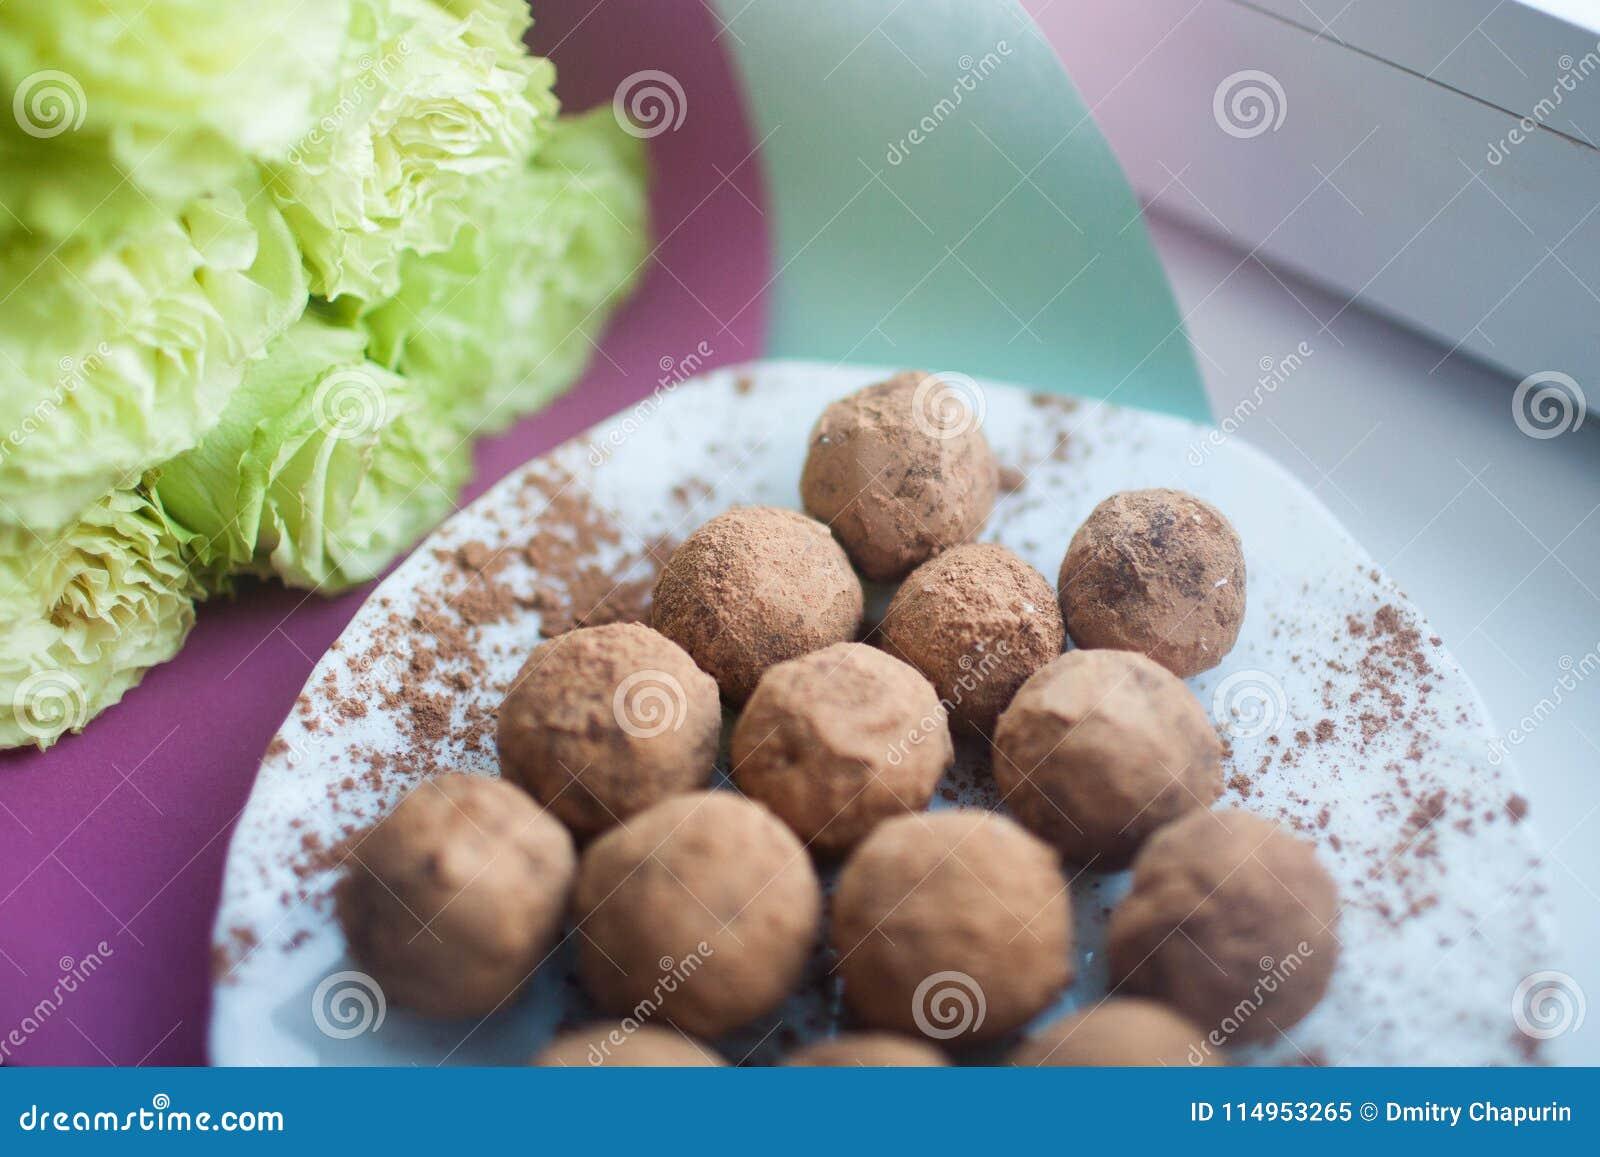 Handmade cukierki na białym talerzu